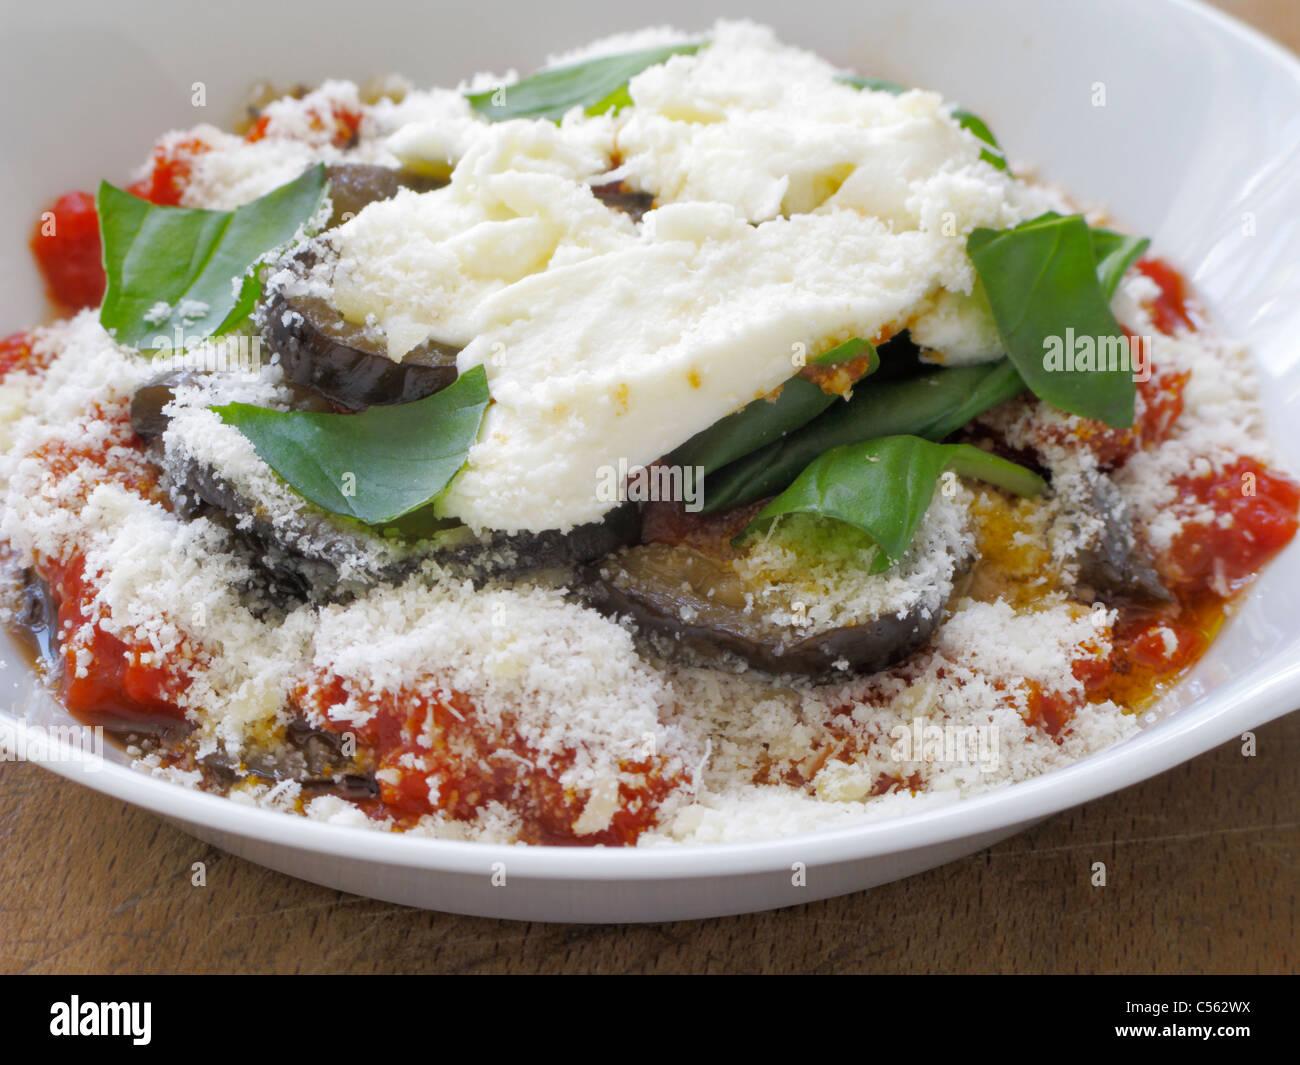 Melanzane alla parmesana porción individual en un plato blanco en una mesa de madera, cocina tabla de cortar listo Foto de stock